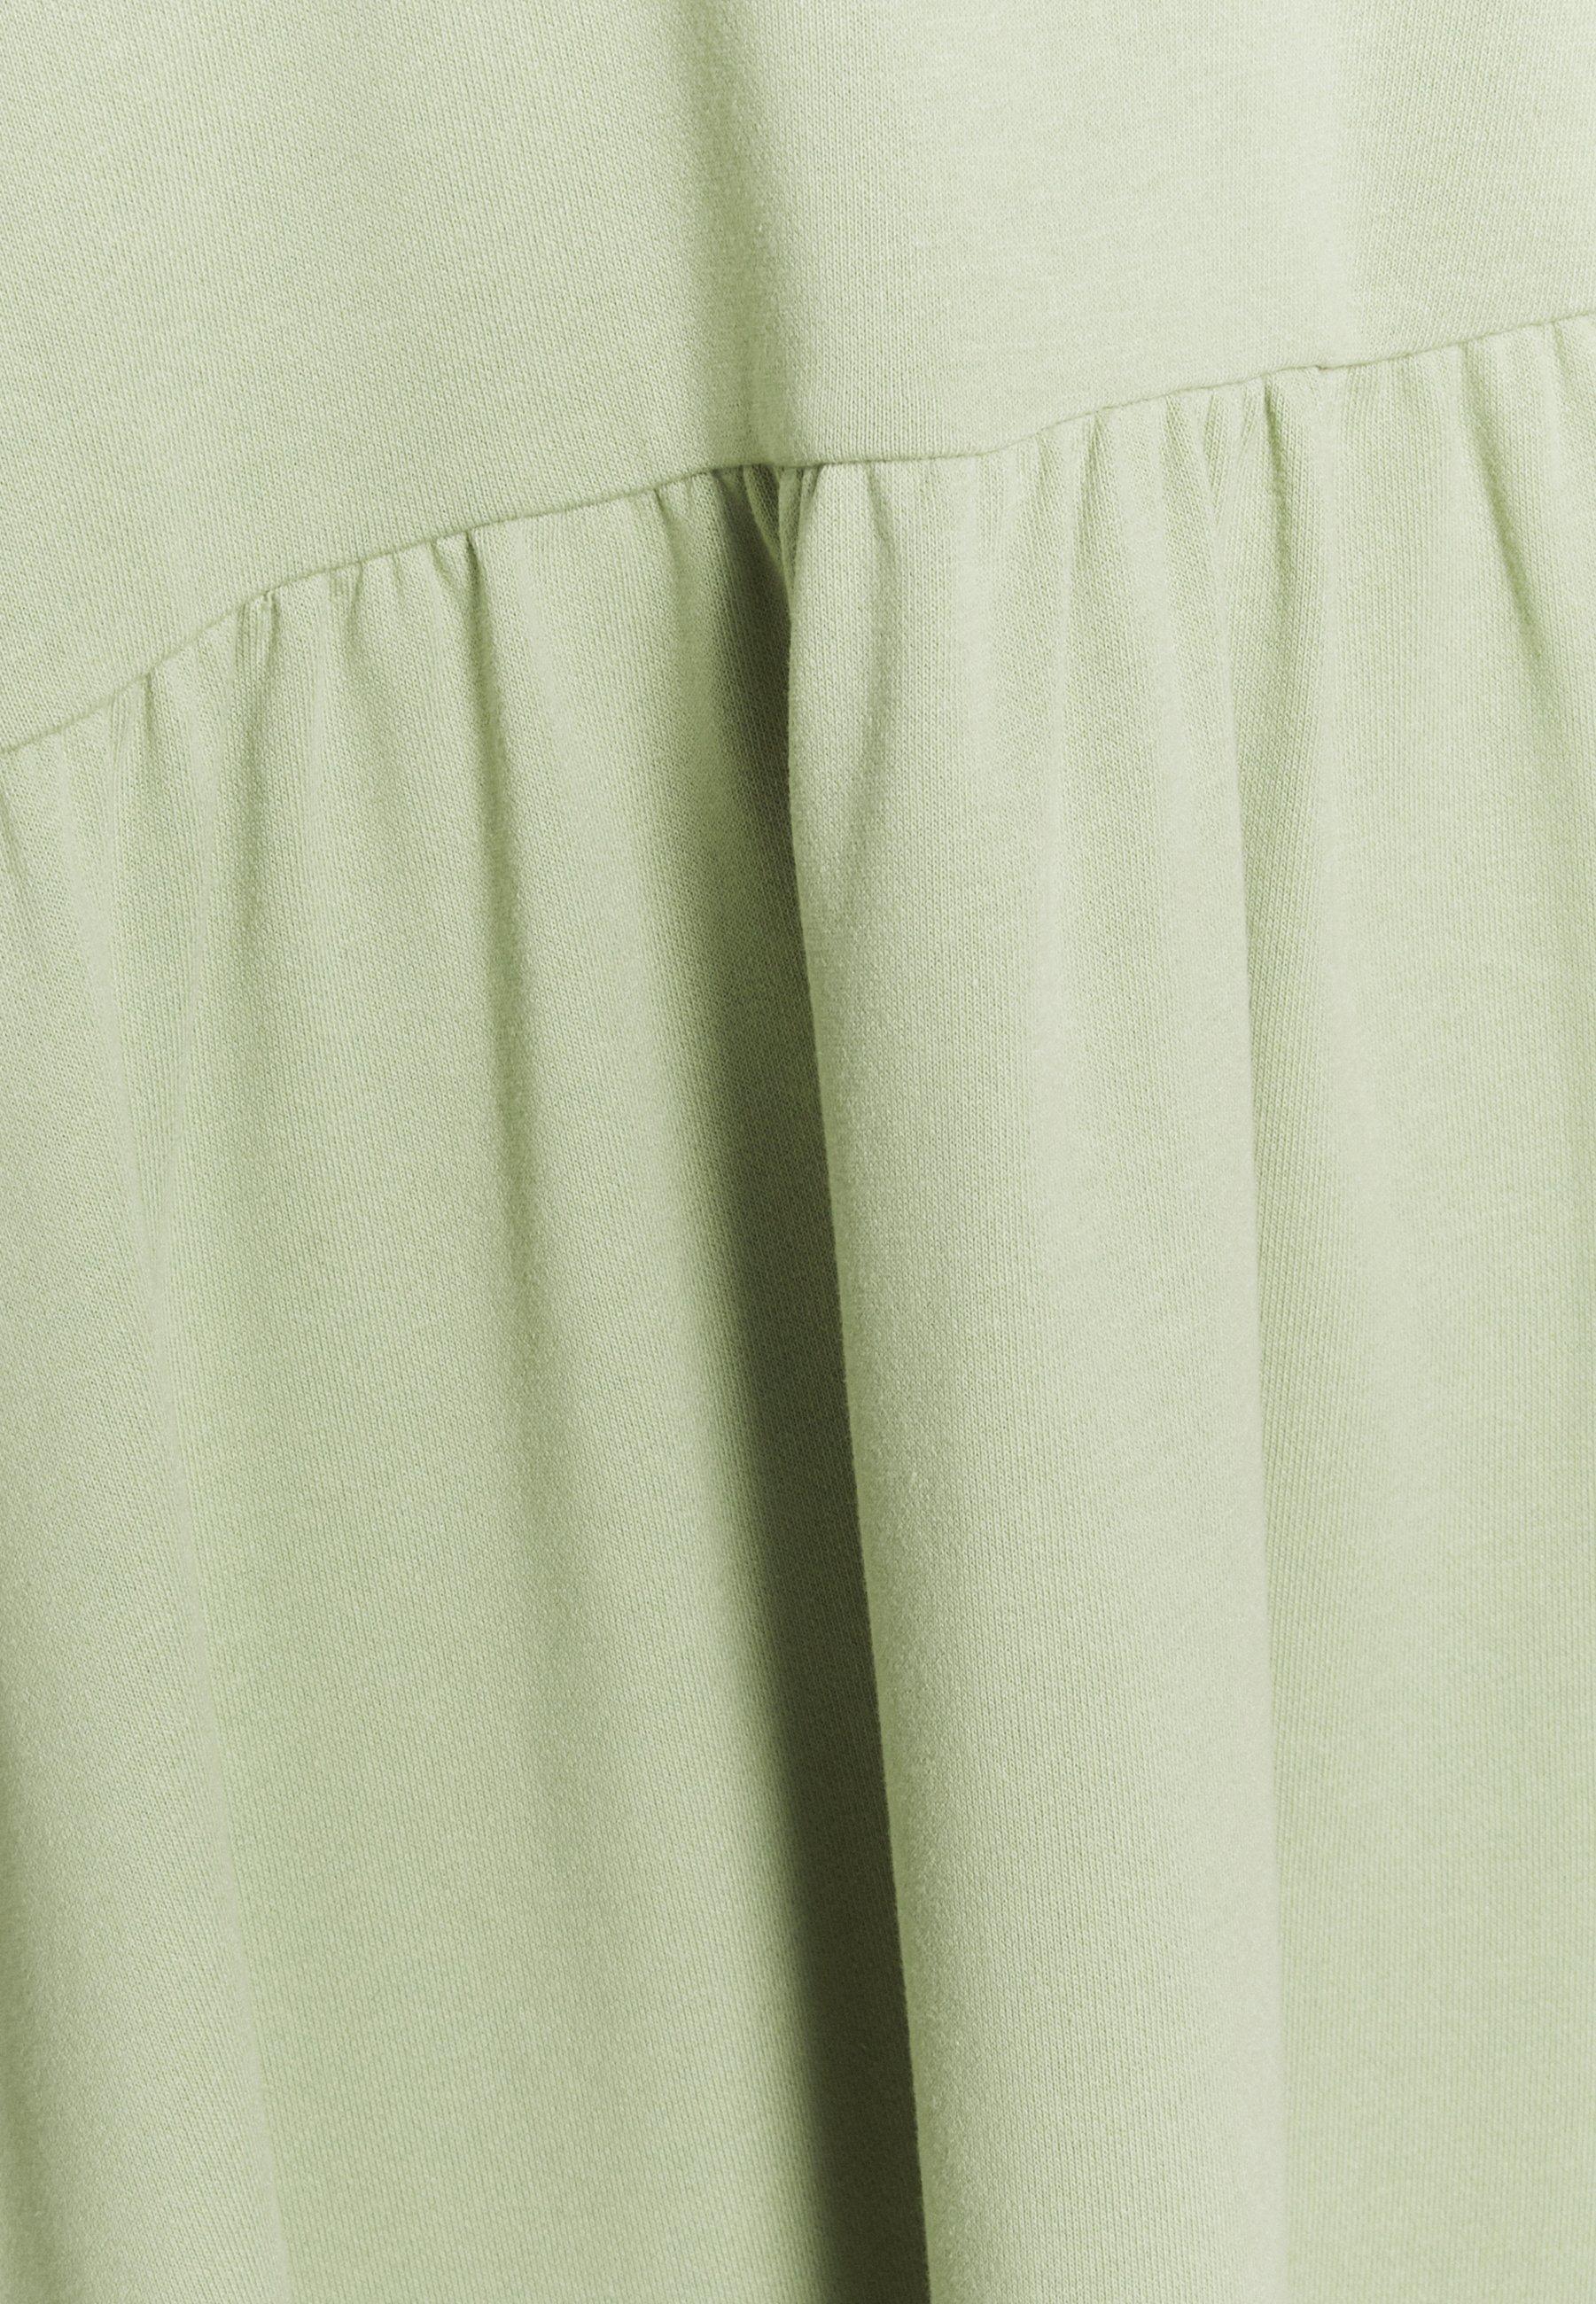 Monki Malin Hoodie Dress - Kjole Green Dusty Light/lysegrønn